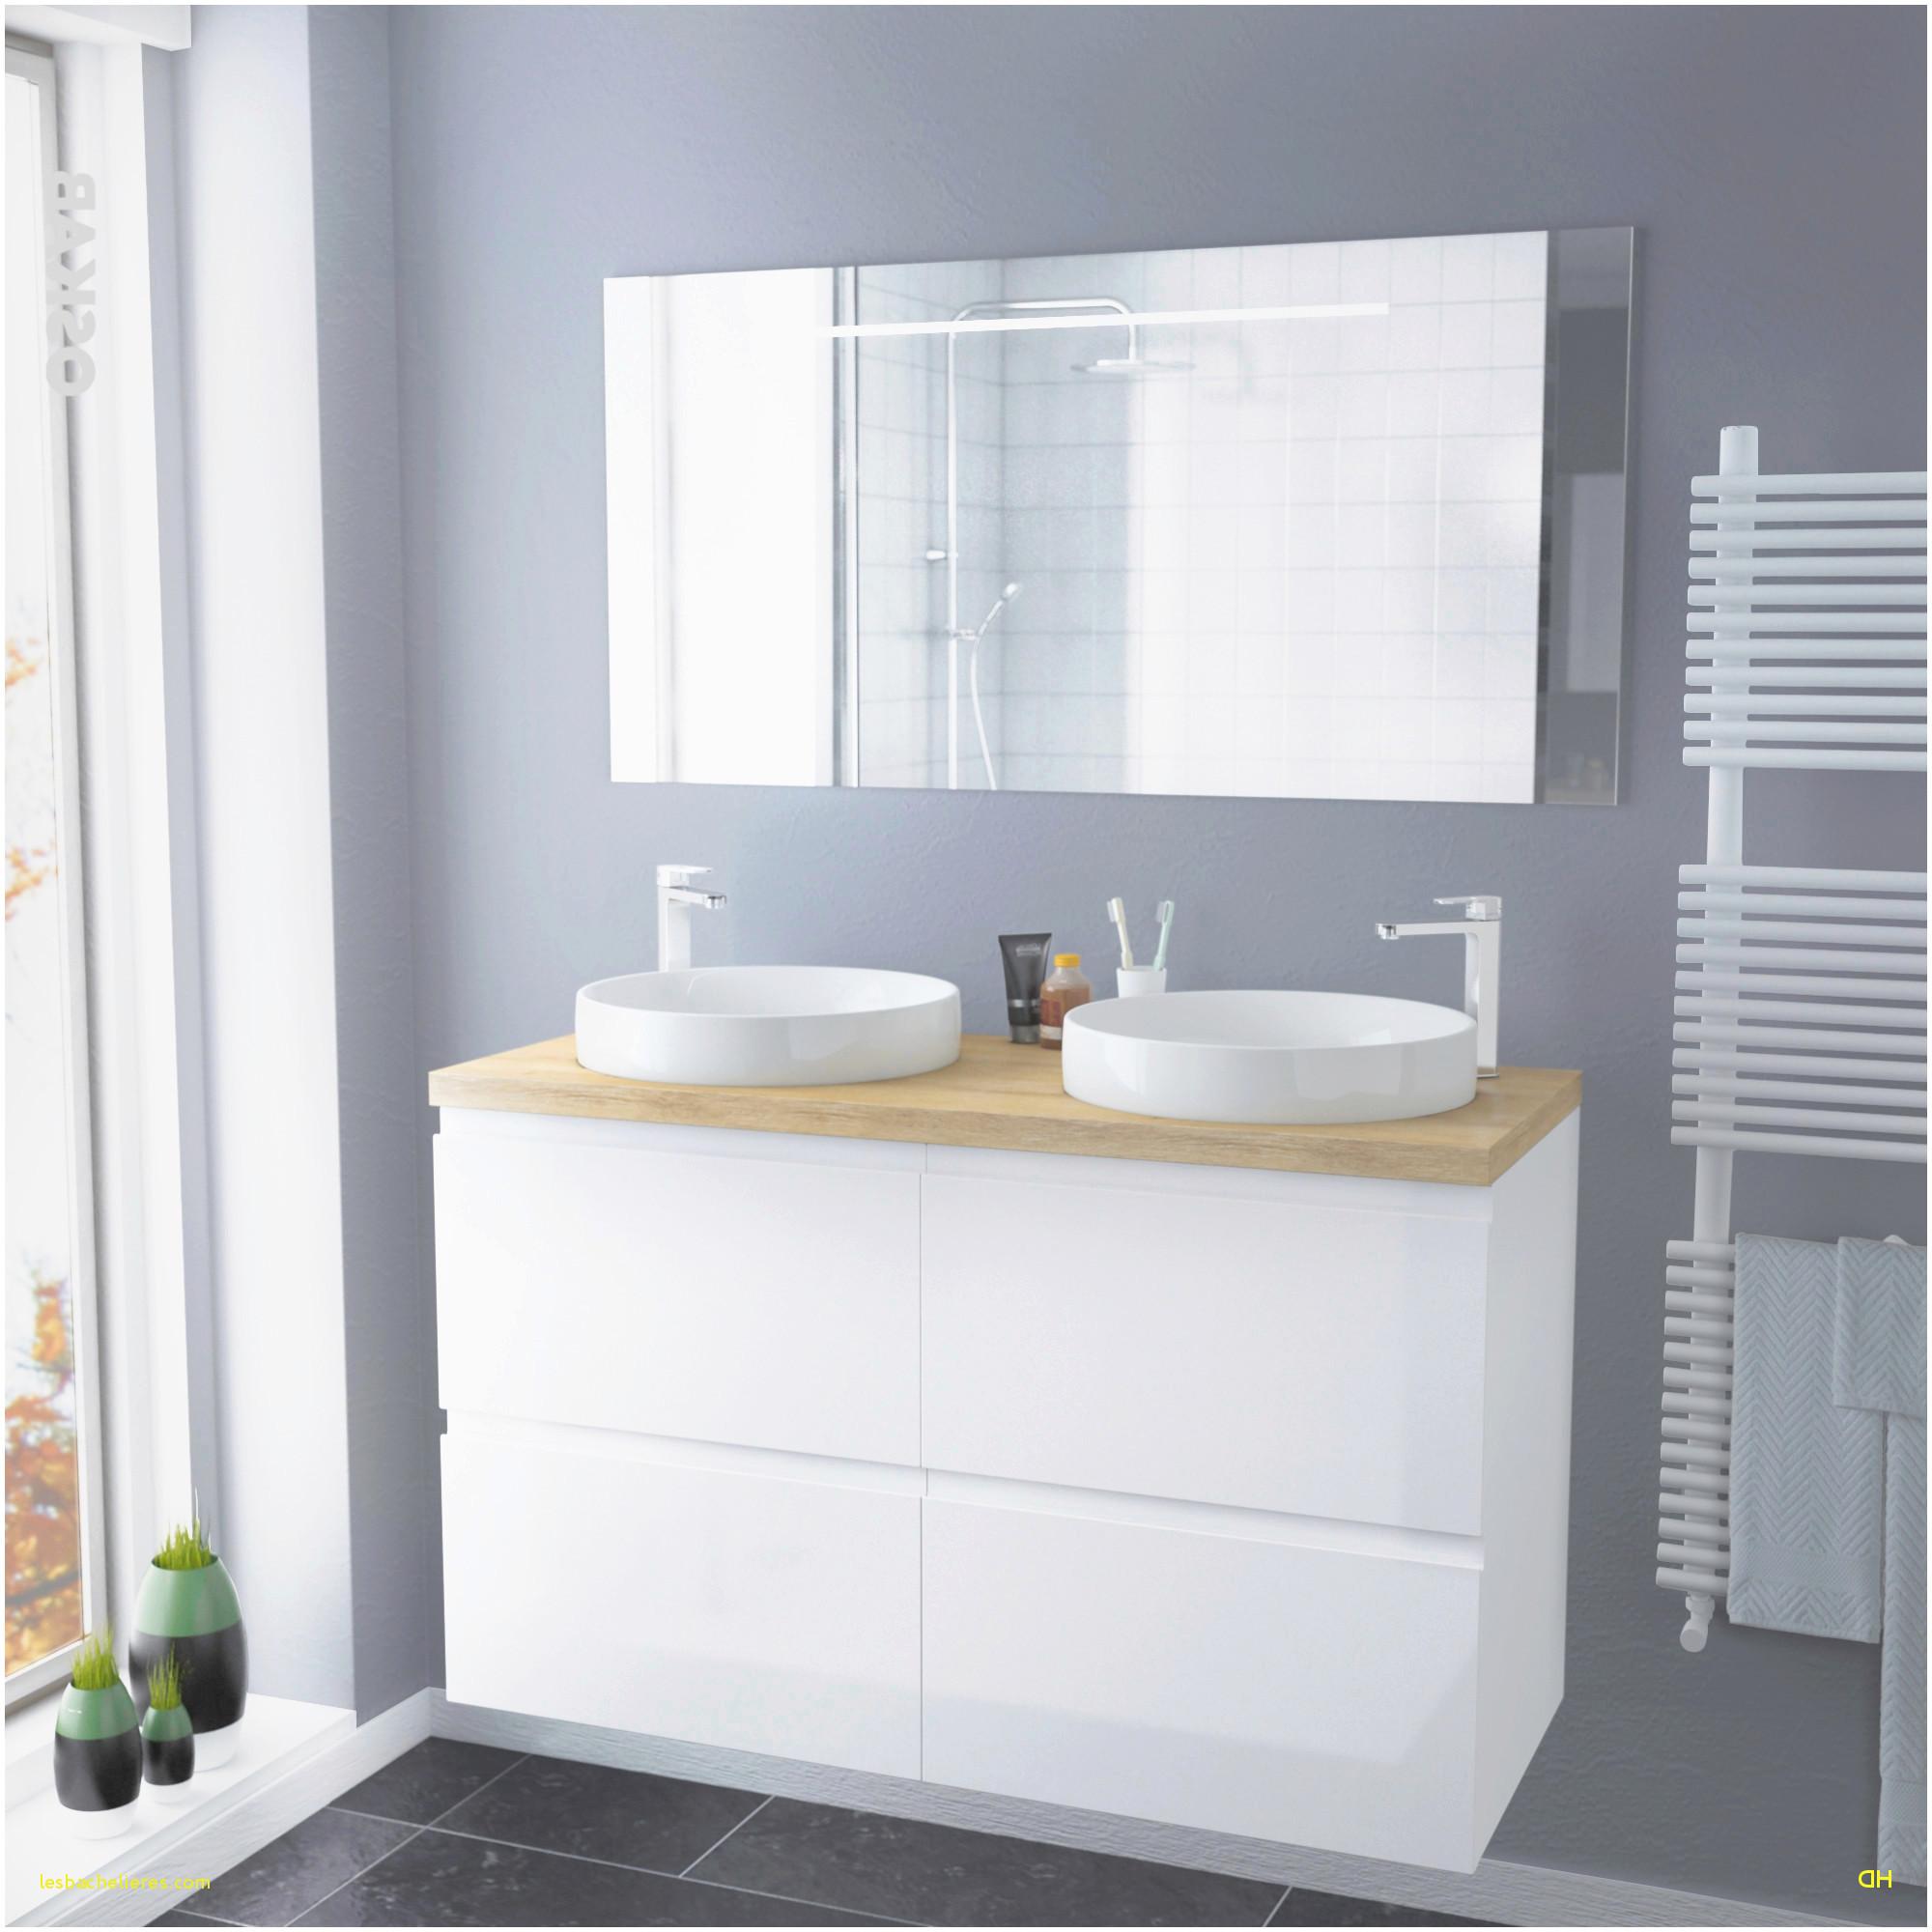 meubles de salle de bain chez brico depot 44 des idees brico depot meuble salle de bain of meubles de salle de bain chez brico depot